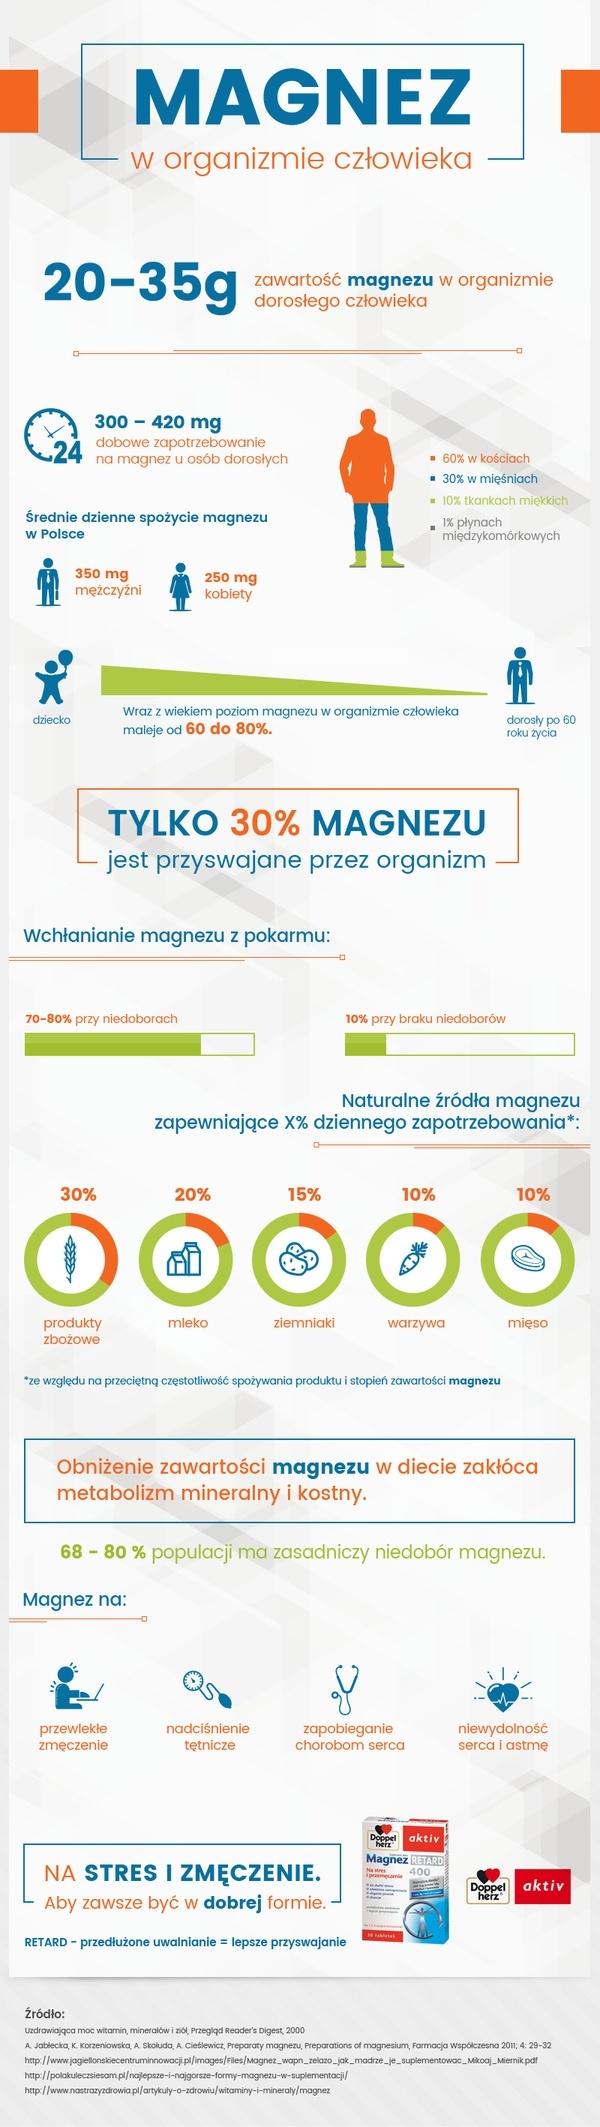 Czy wiecie jakie zadanie pełni magnez w naszym organizmie? Odpowiedź na to pytanie znajdziecie w infografice wyżej ;)